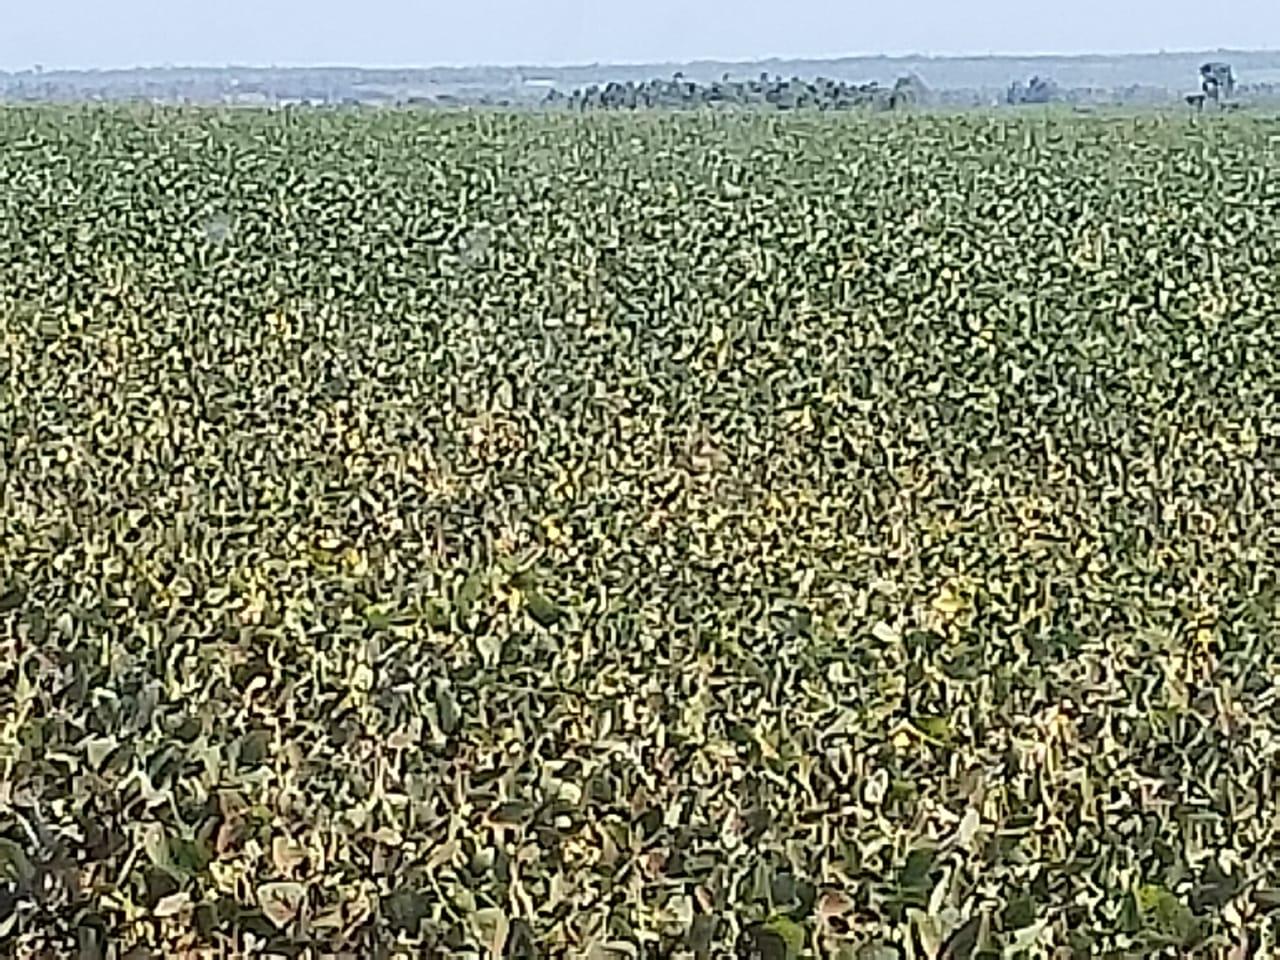 Soja tardia e milho safrinha morrendo pela a estiagem em San Alberto, Paraguai. Envio de Elson Teixeira